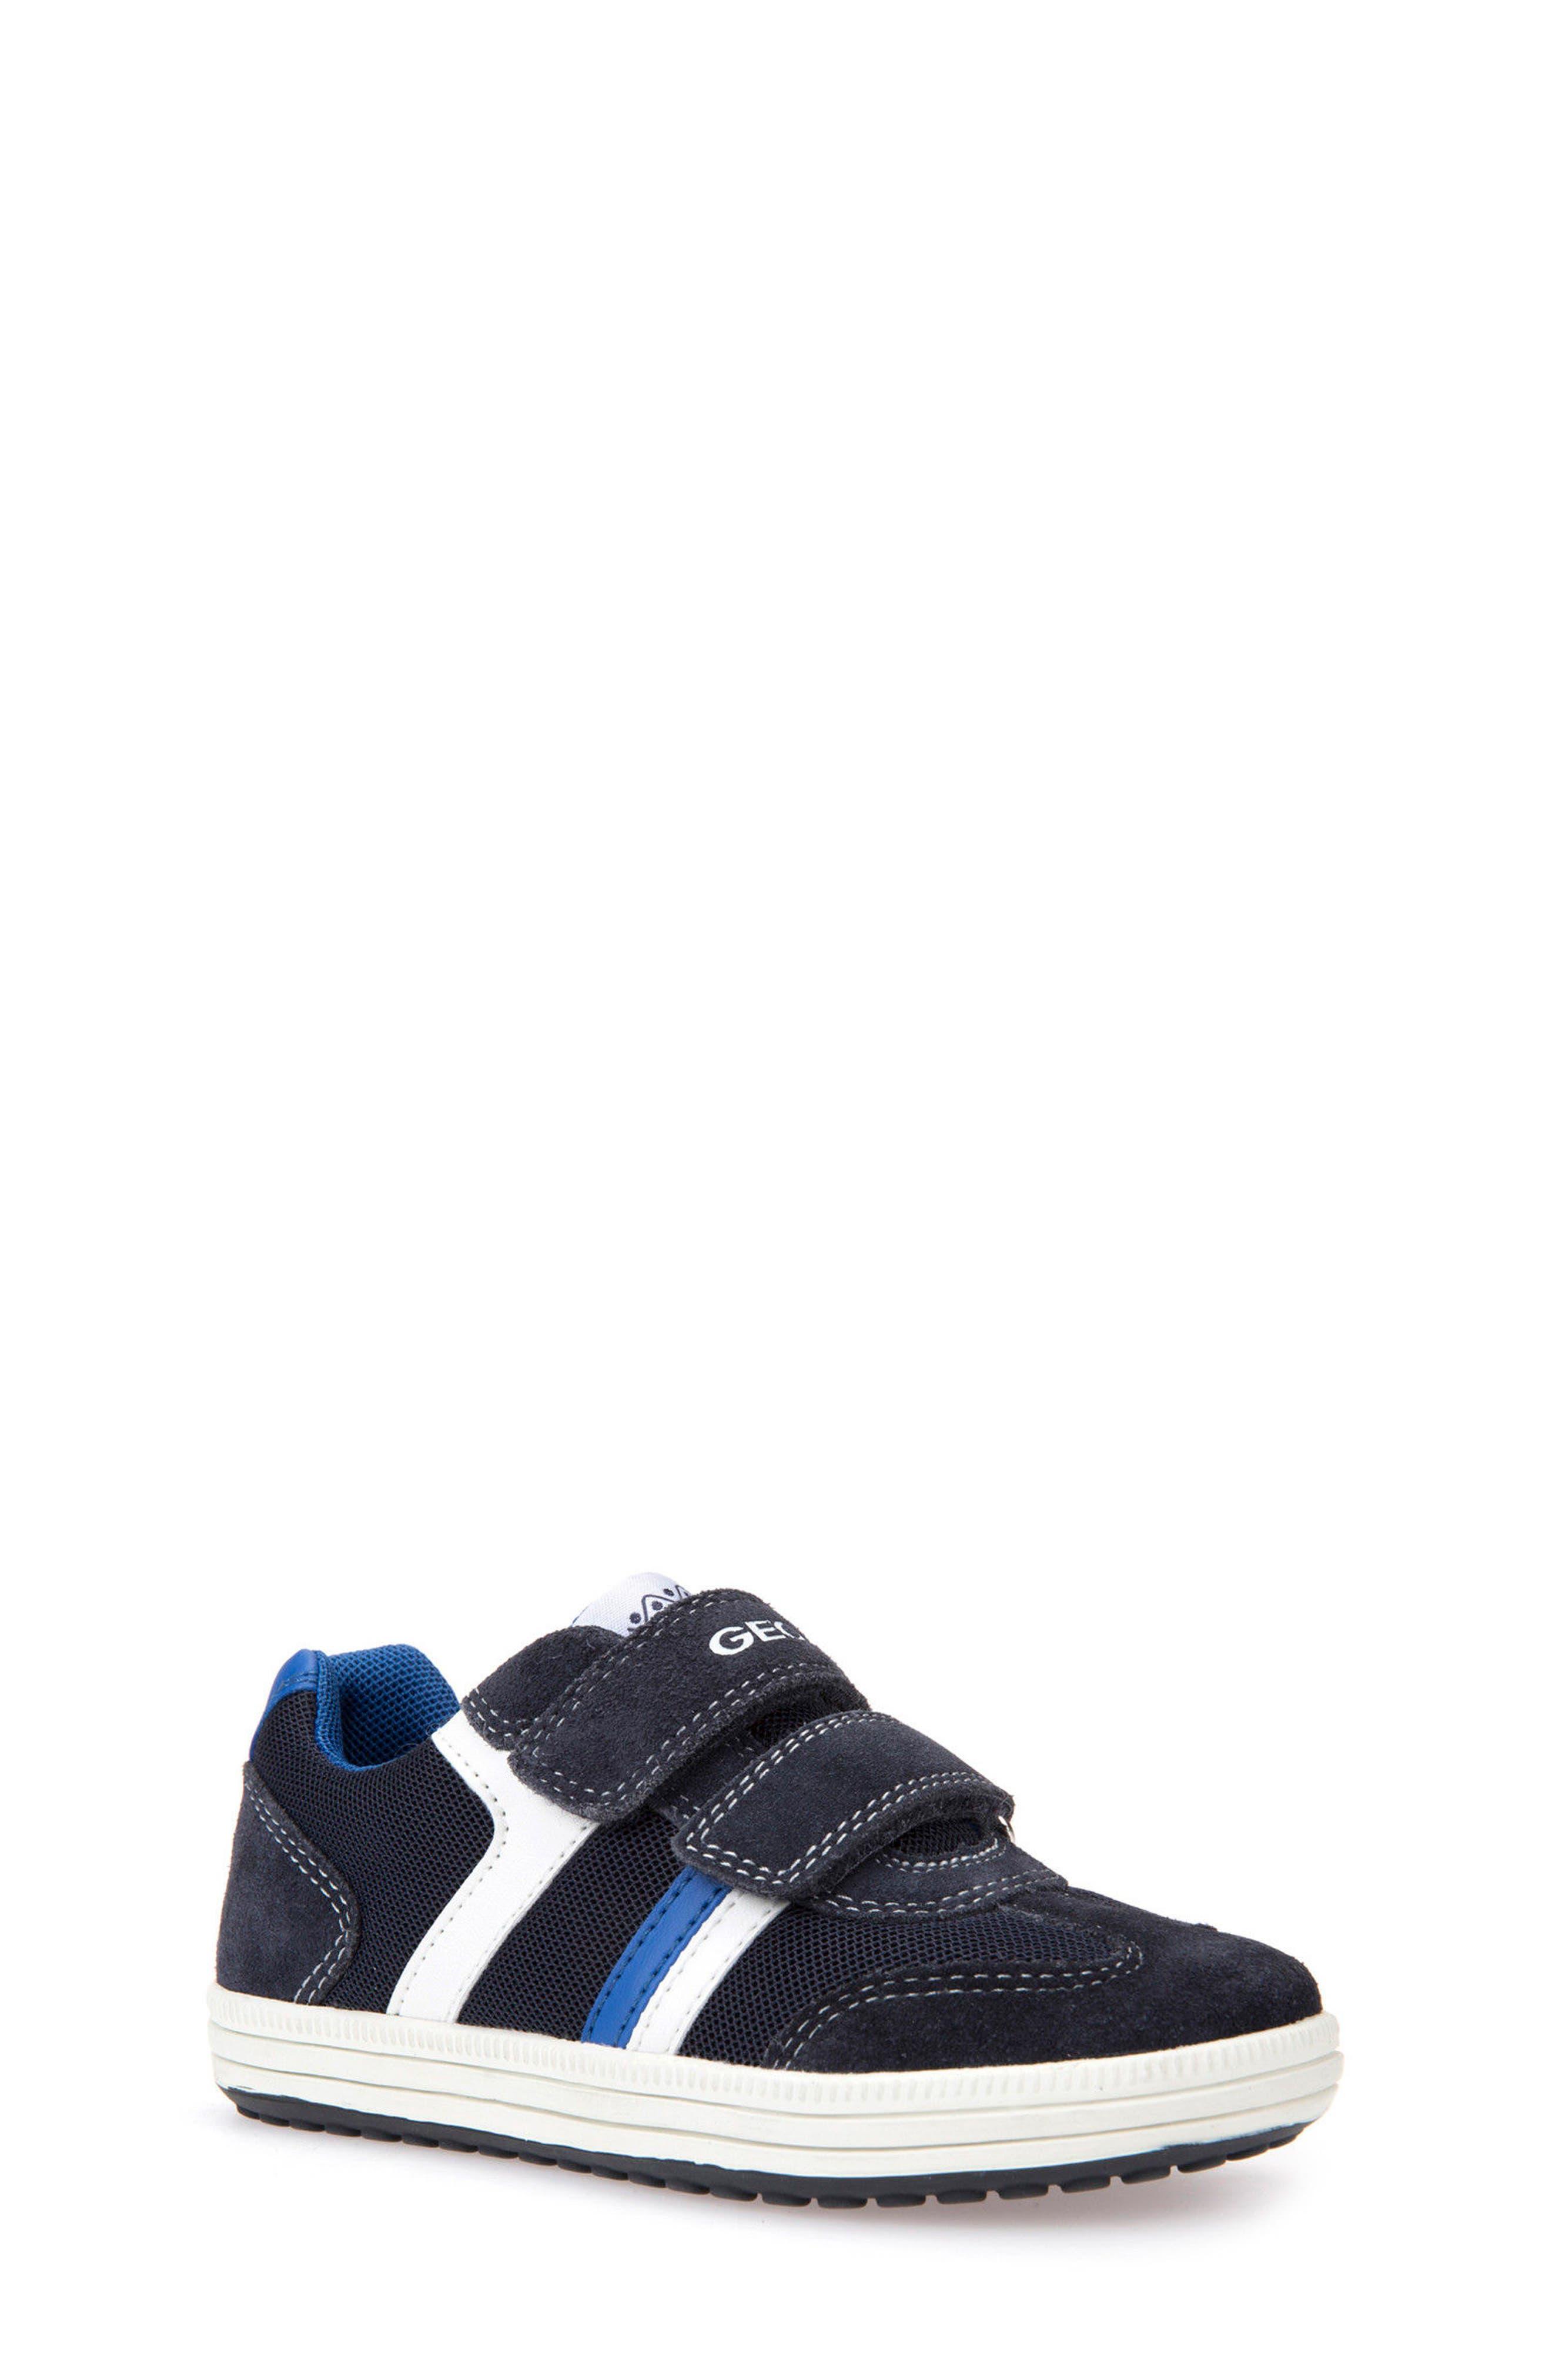 Geox Kilwi Sneaker (Toddler, Little Kid & Big Kid)